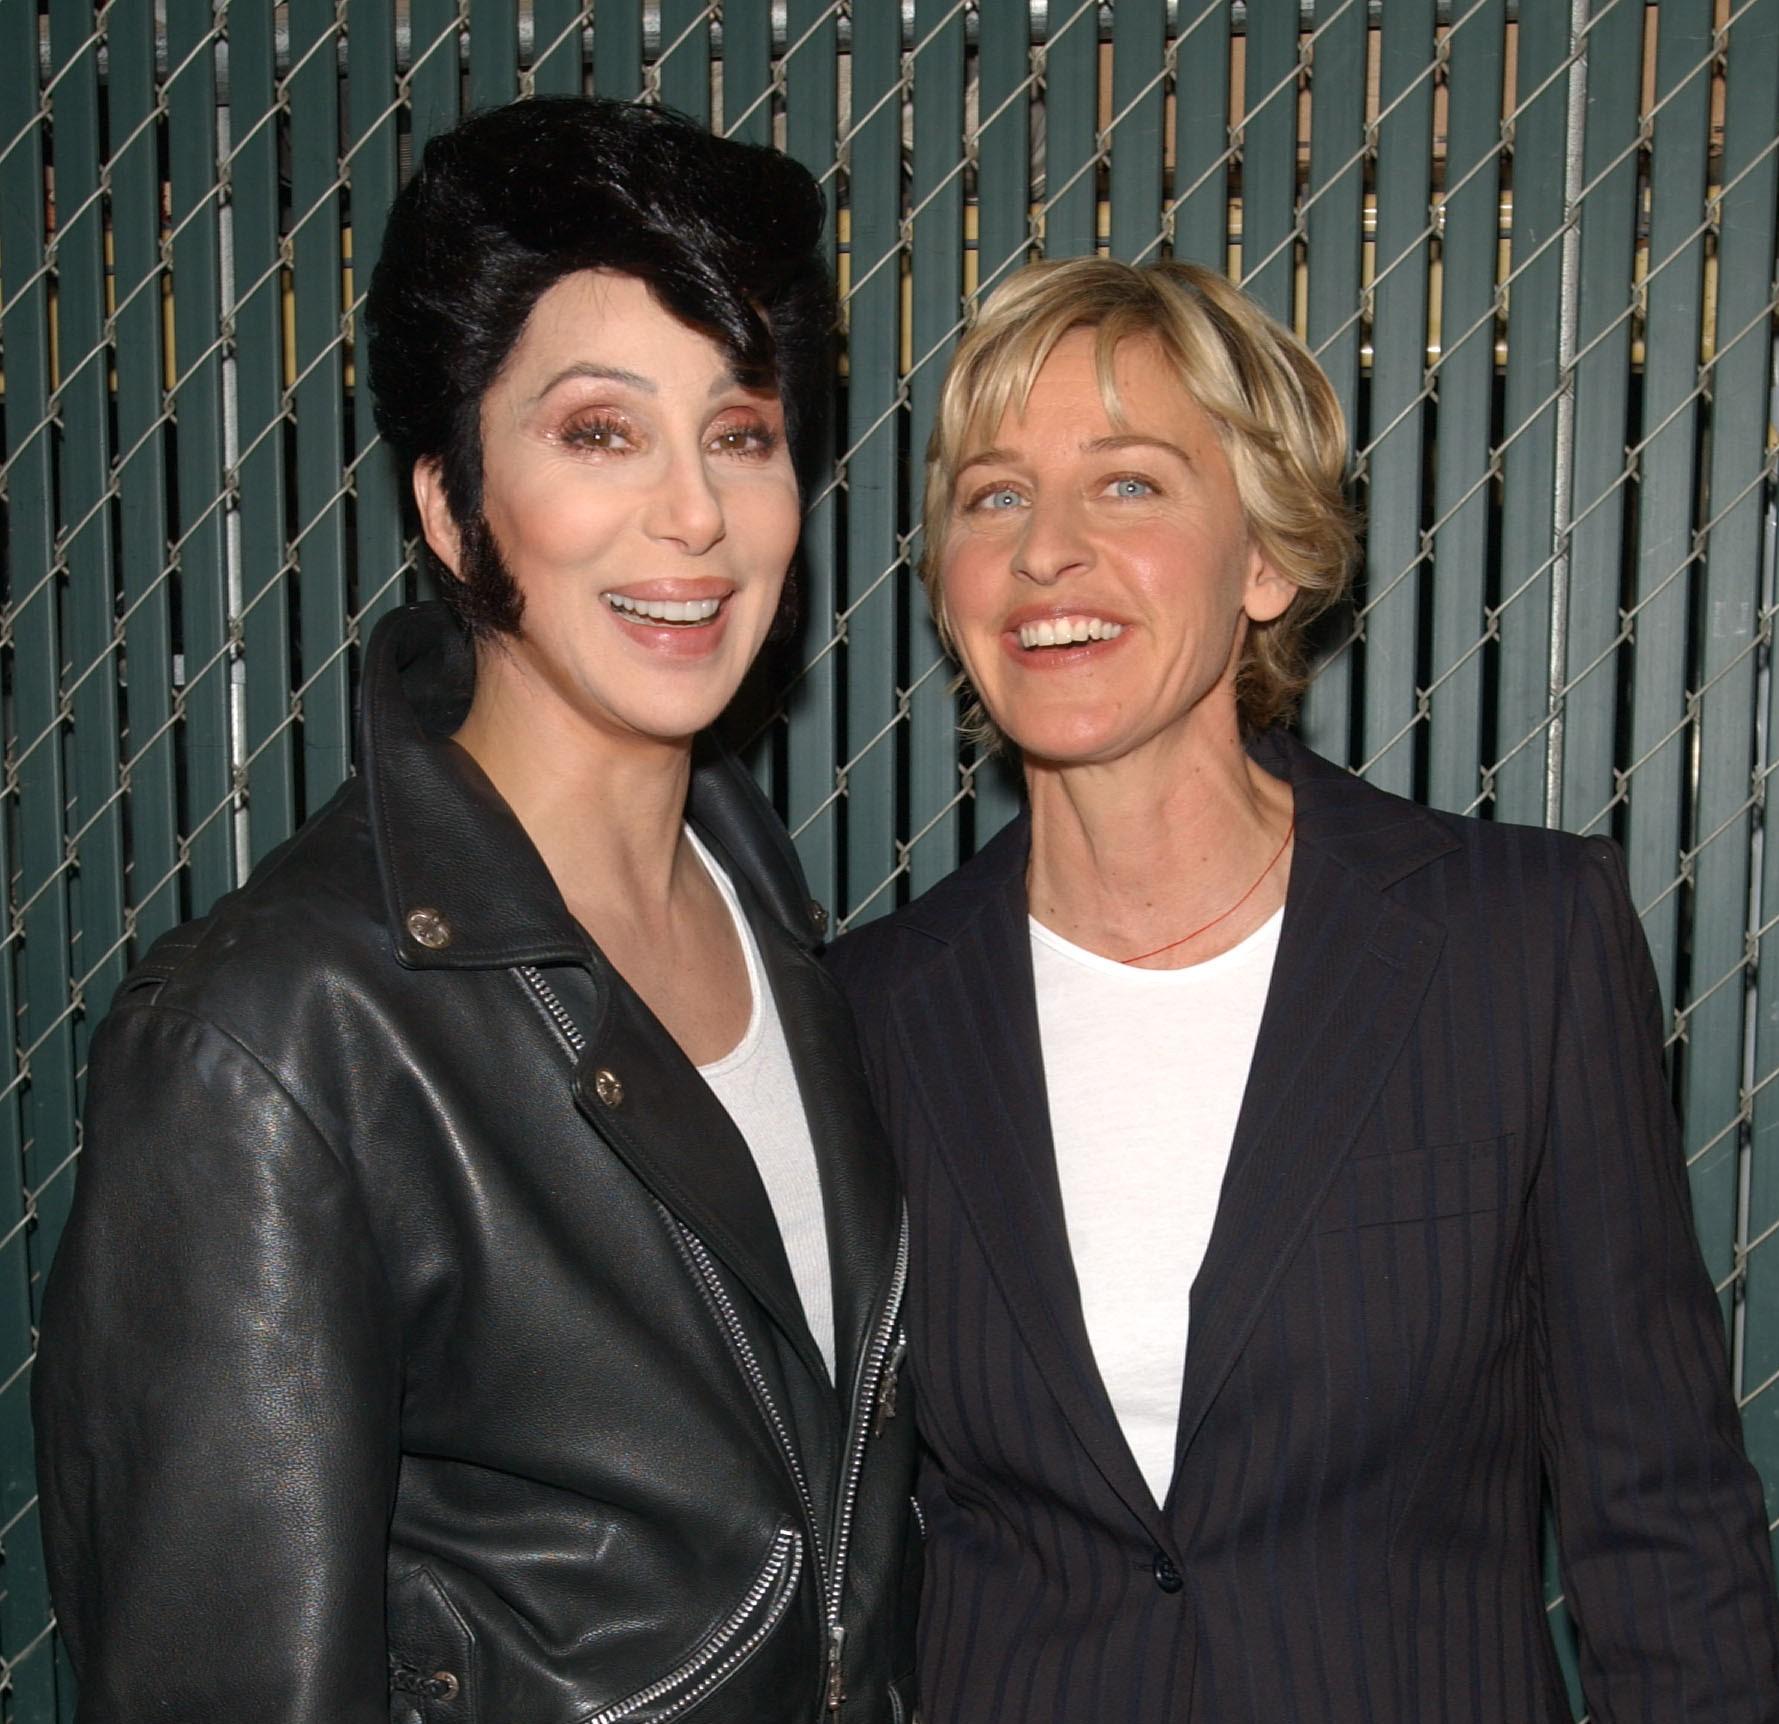 Cher and Ellen DeGeneres